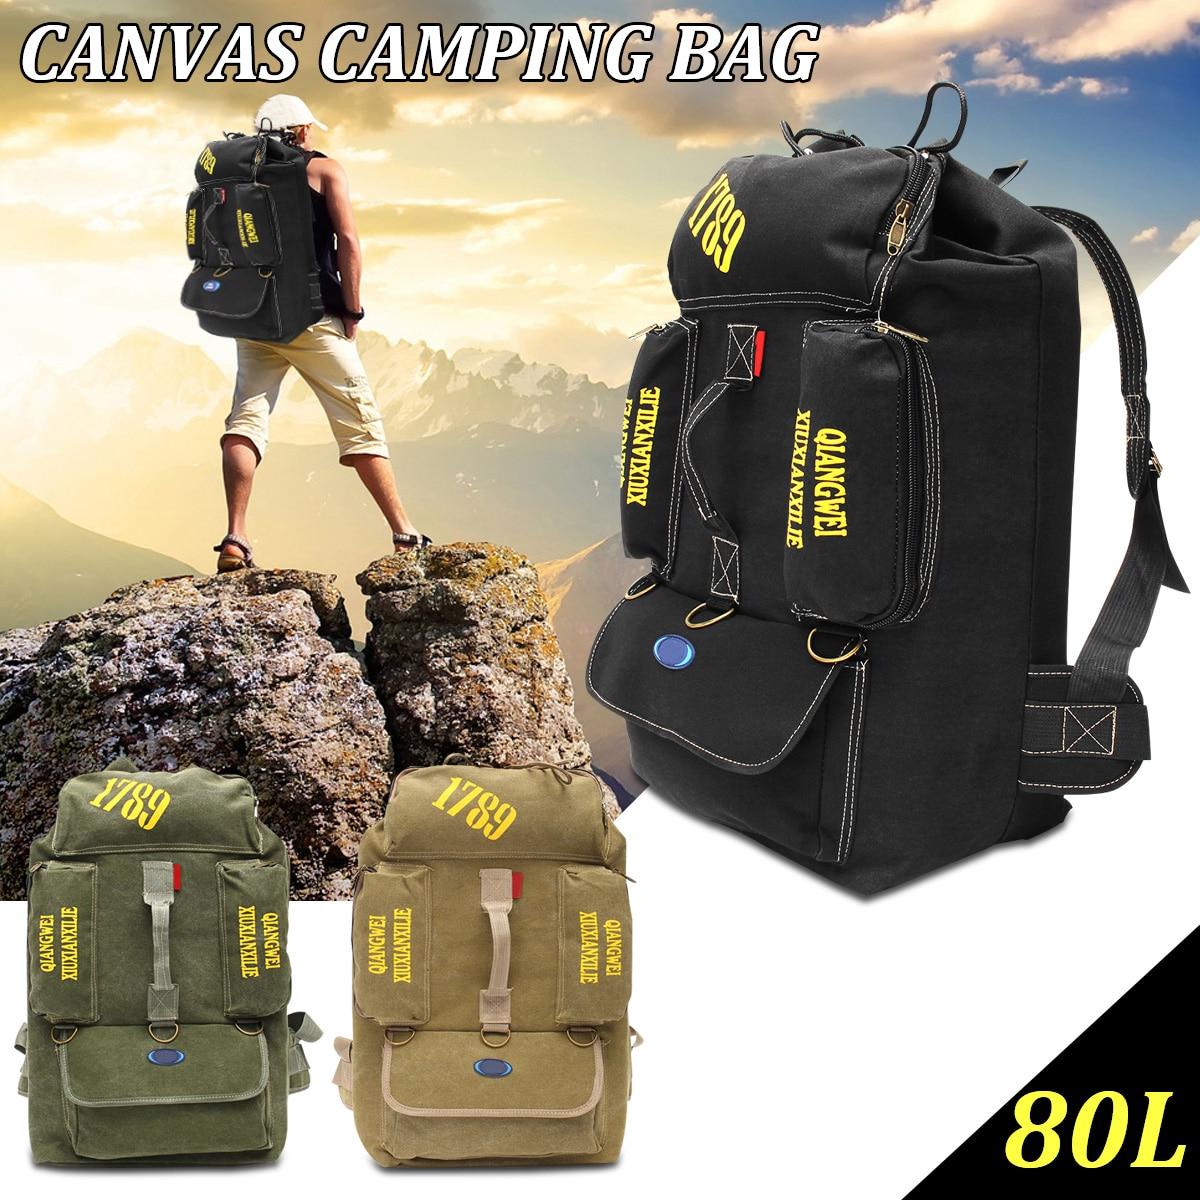 80L большой Ёмкость открытый Спортивные сумки Кемпинг Пеший Туризм Холст рюкзак альпинизм путешествия рюкзак военный треккинг Сумка